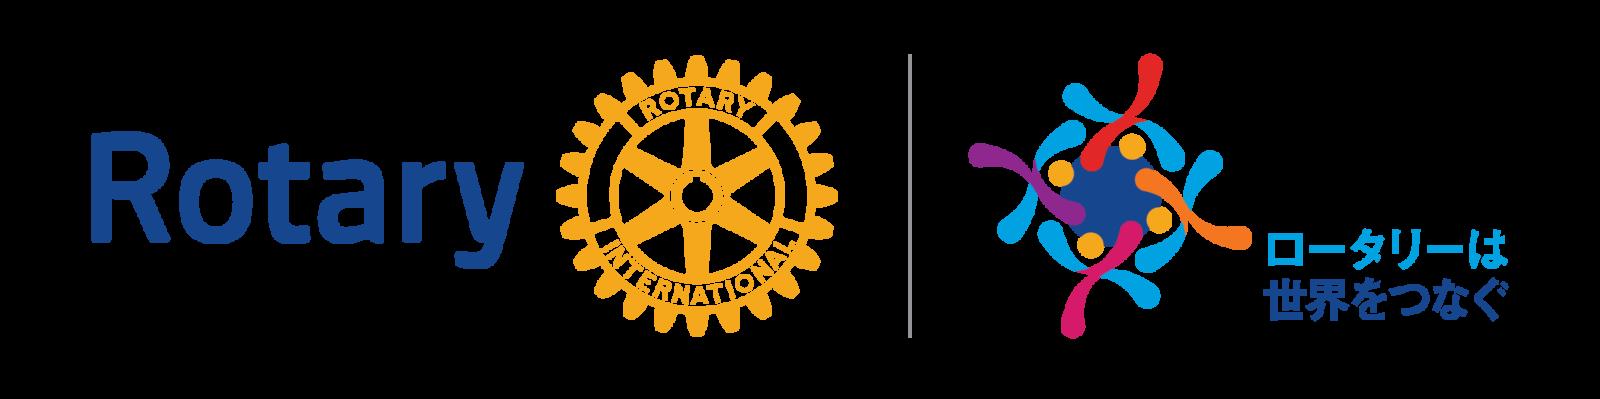 第2840地区太田ロータリークラブ 2017-18年度